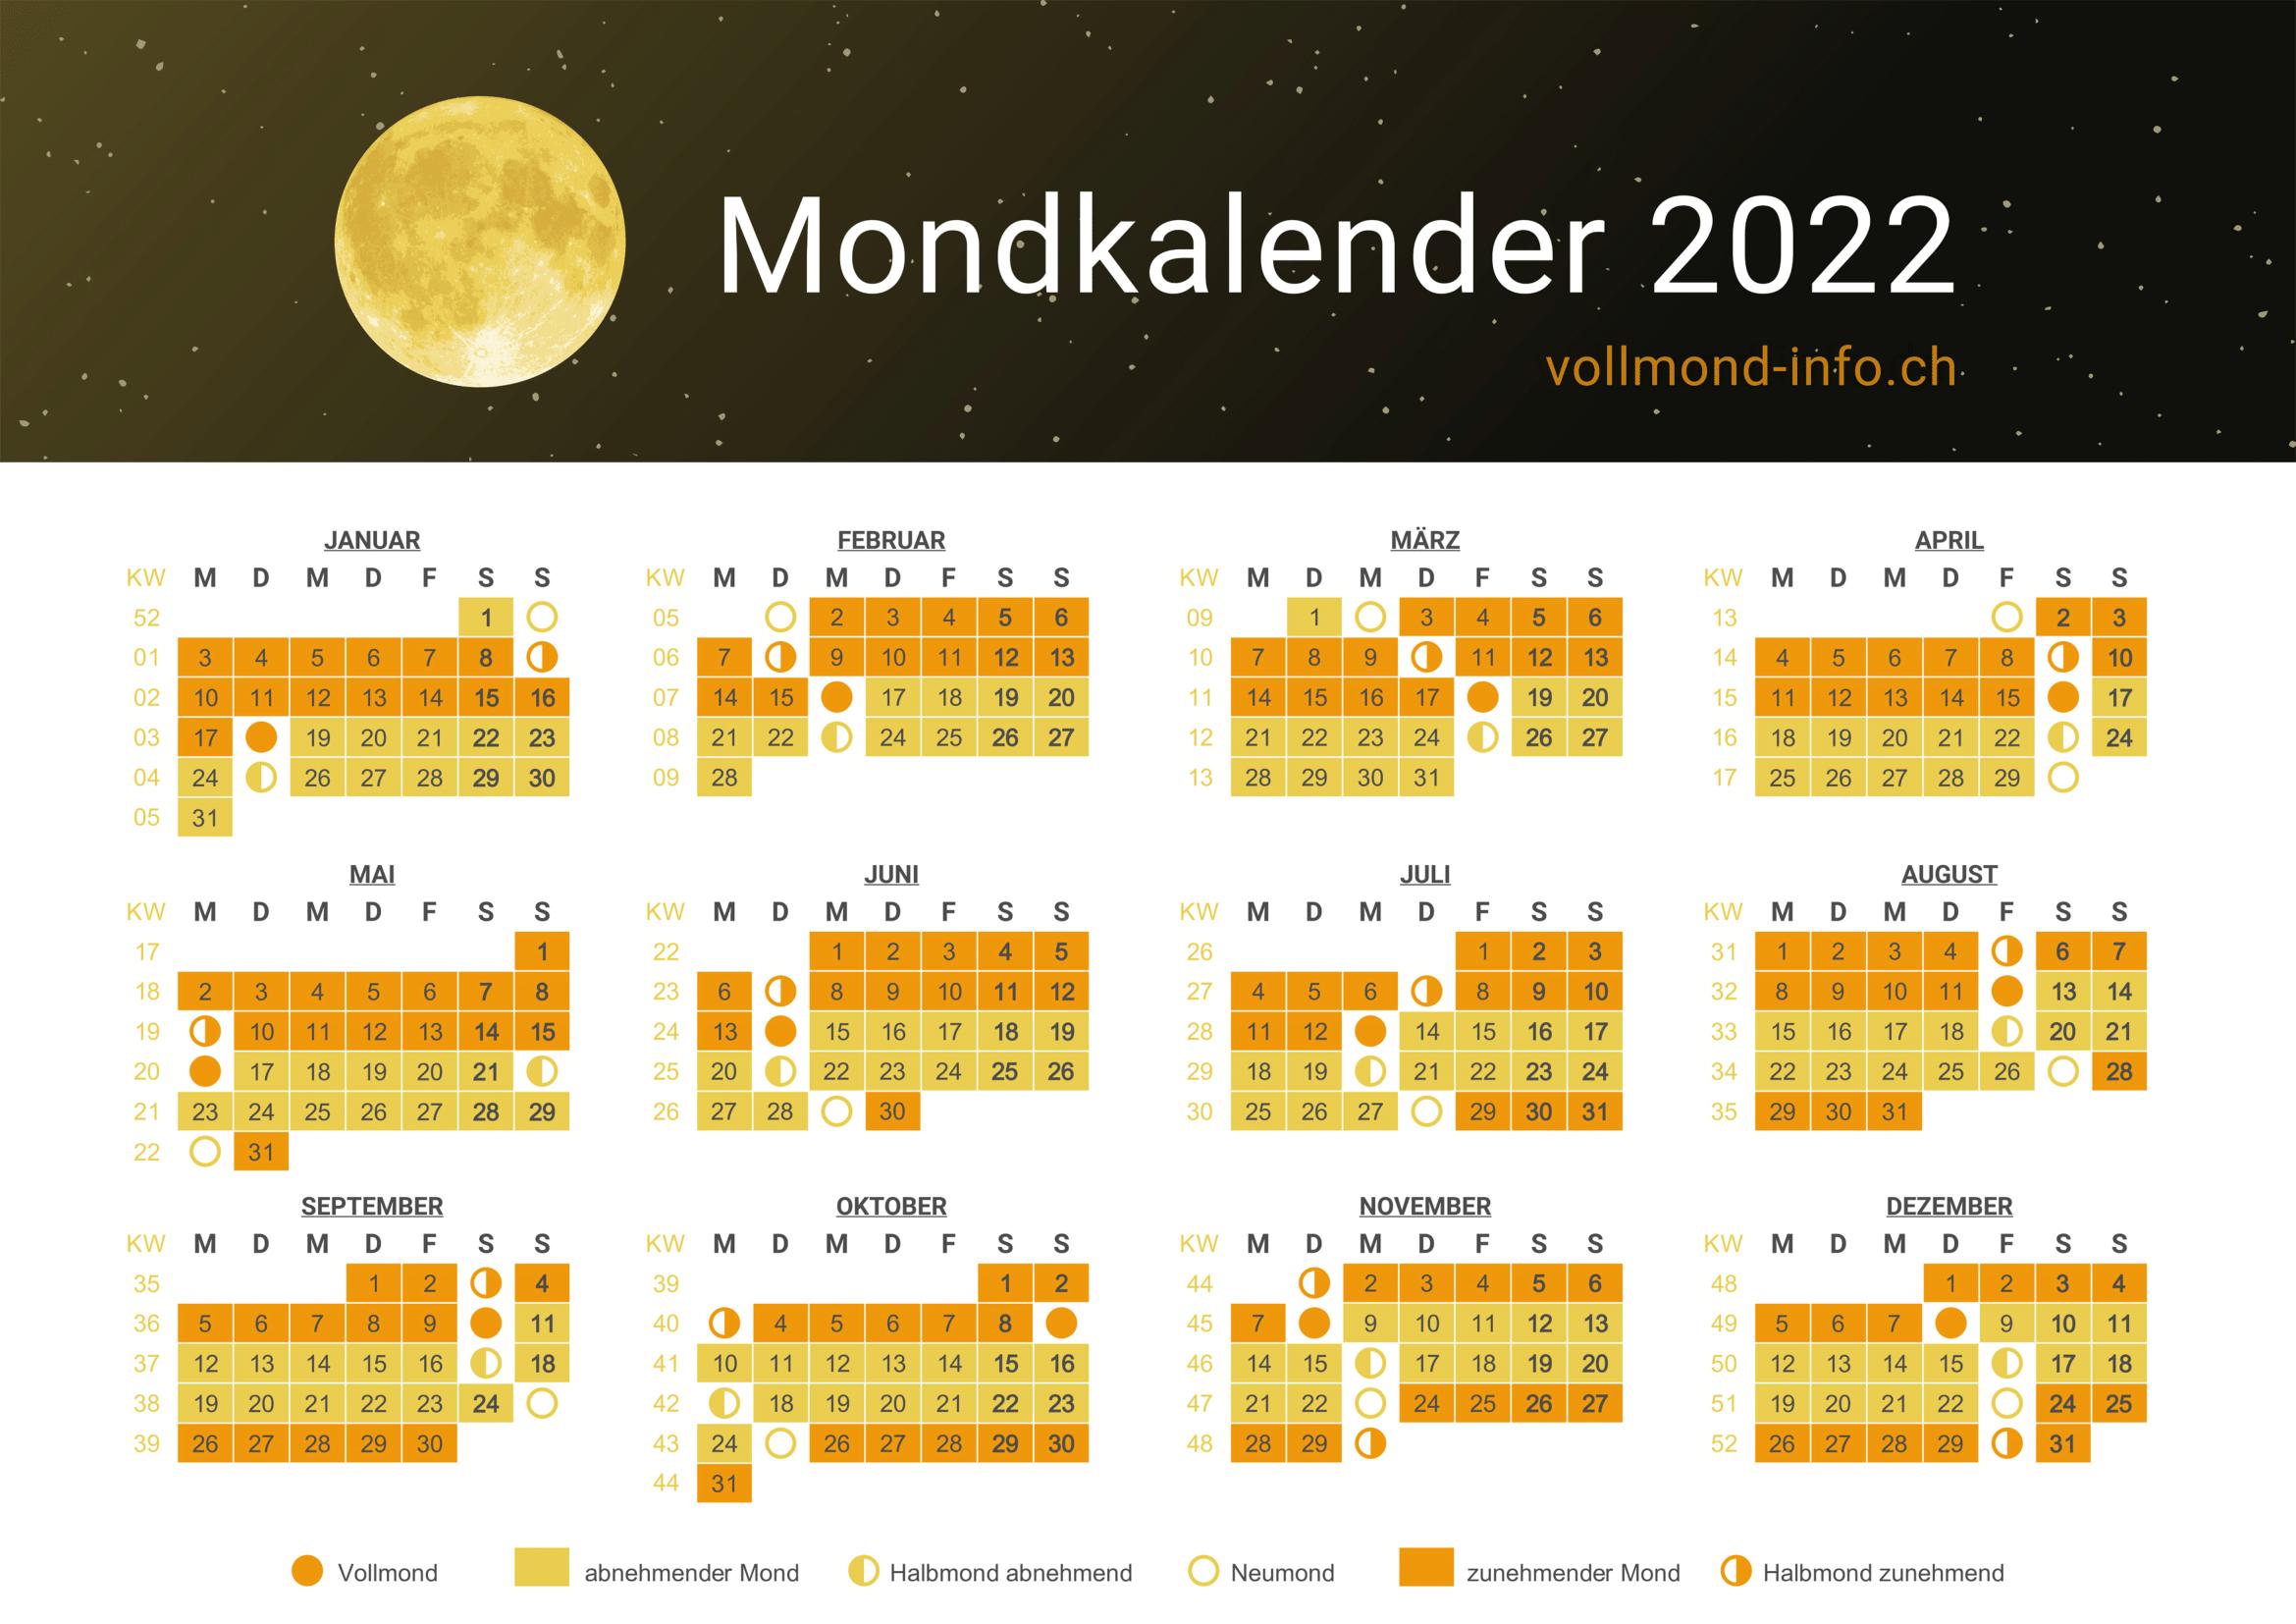 Mondkalender-2022 pdf